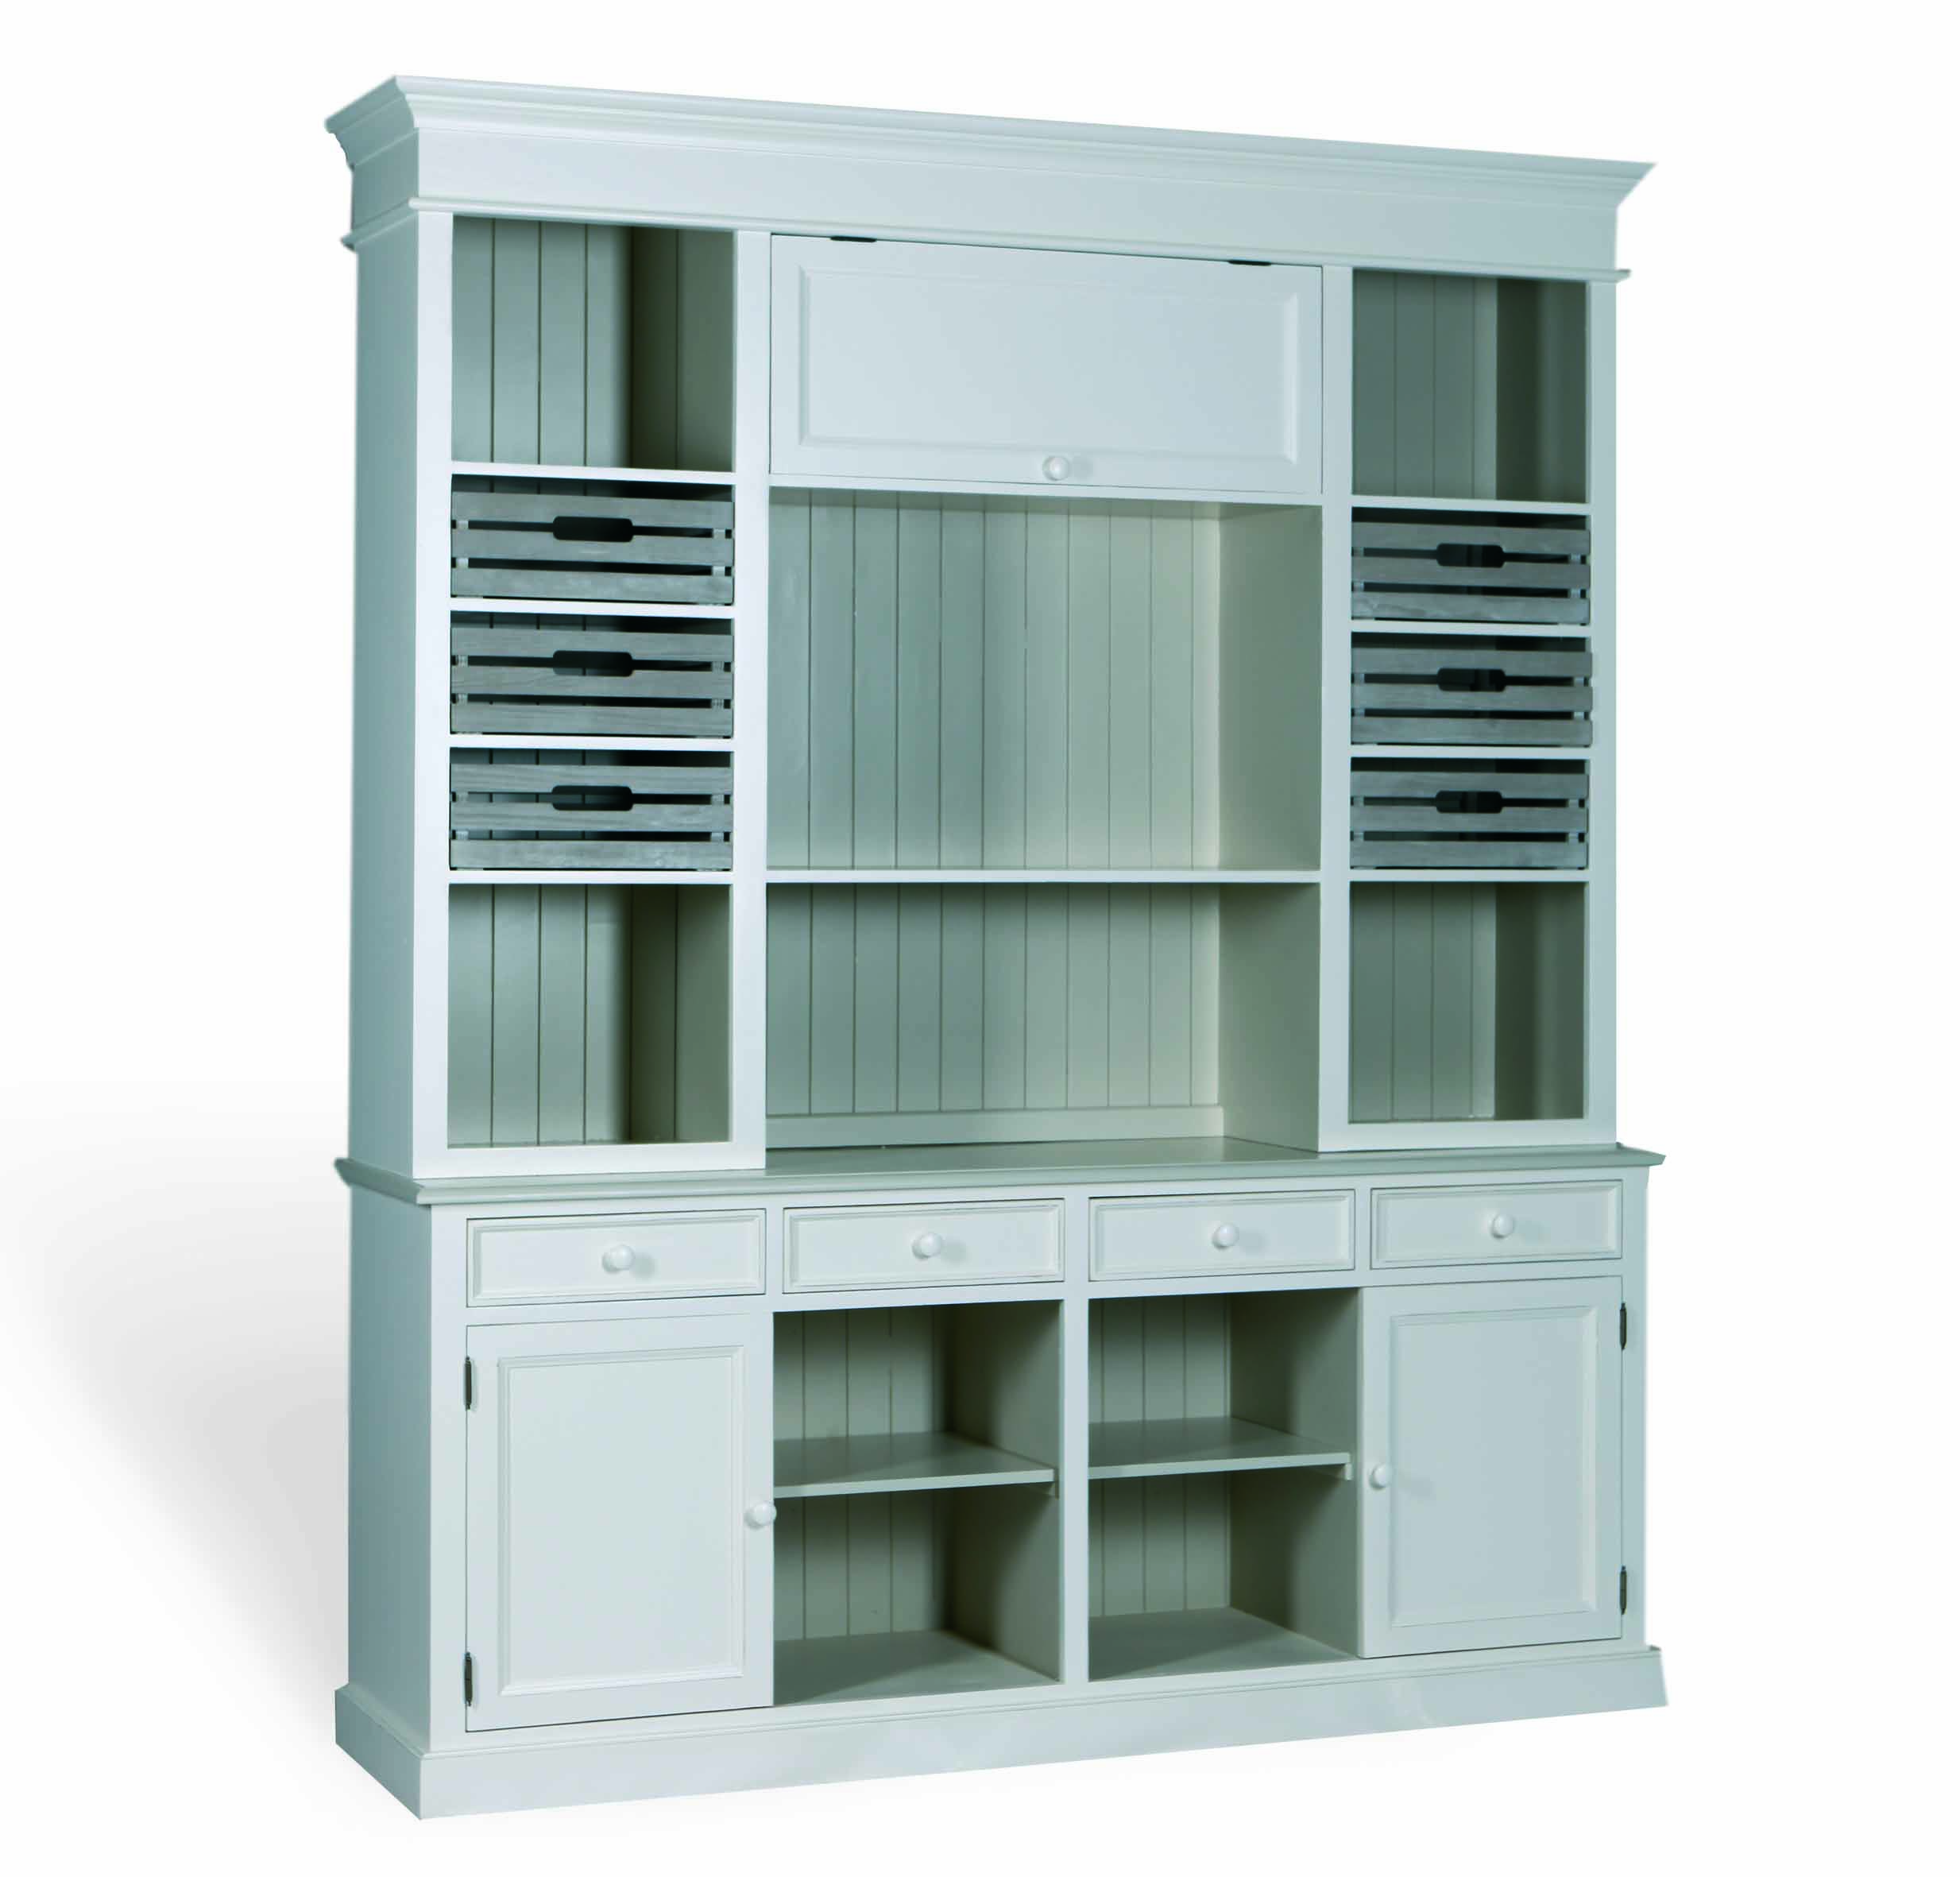 Küchenmöbel >> Traum-Küchen für alle | Käuferportal